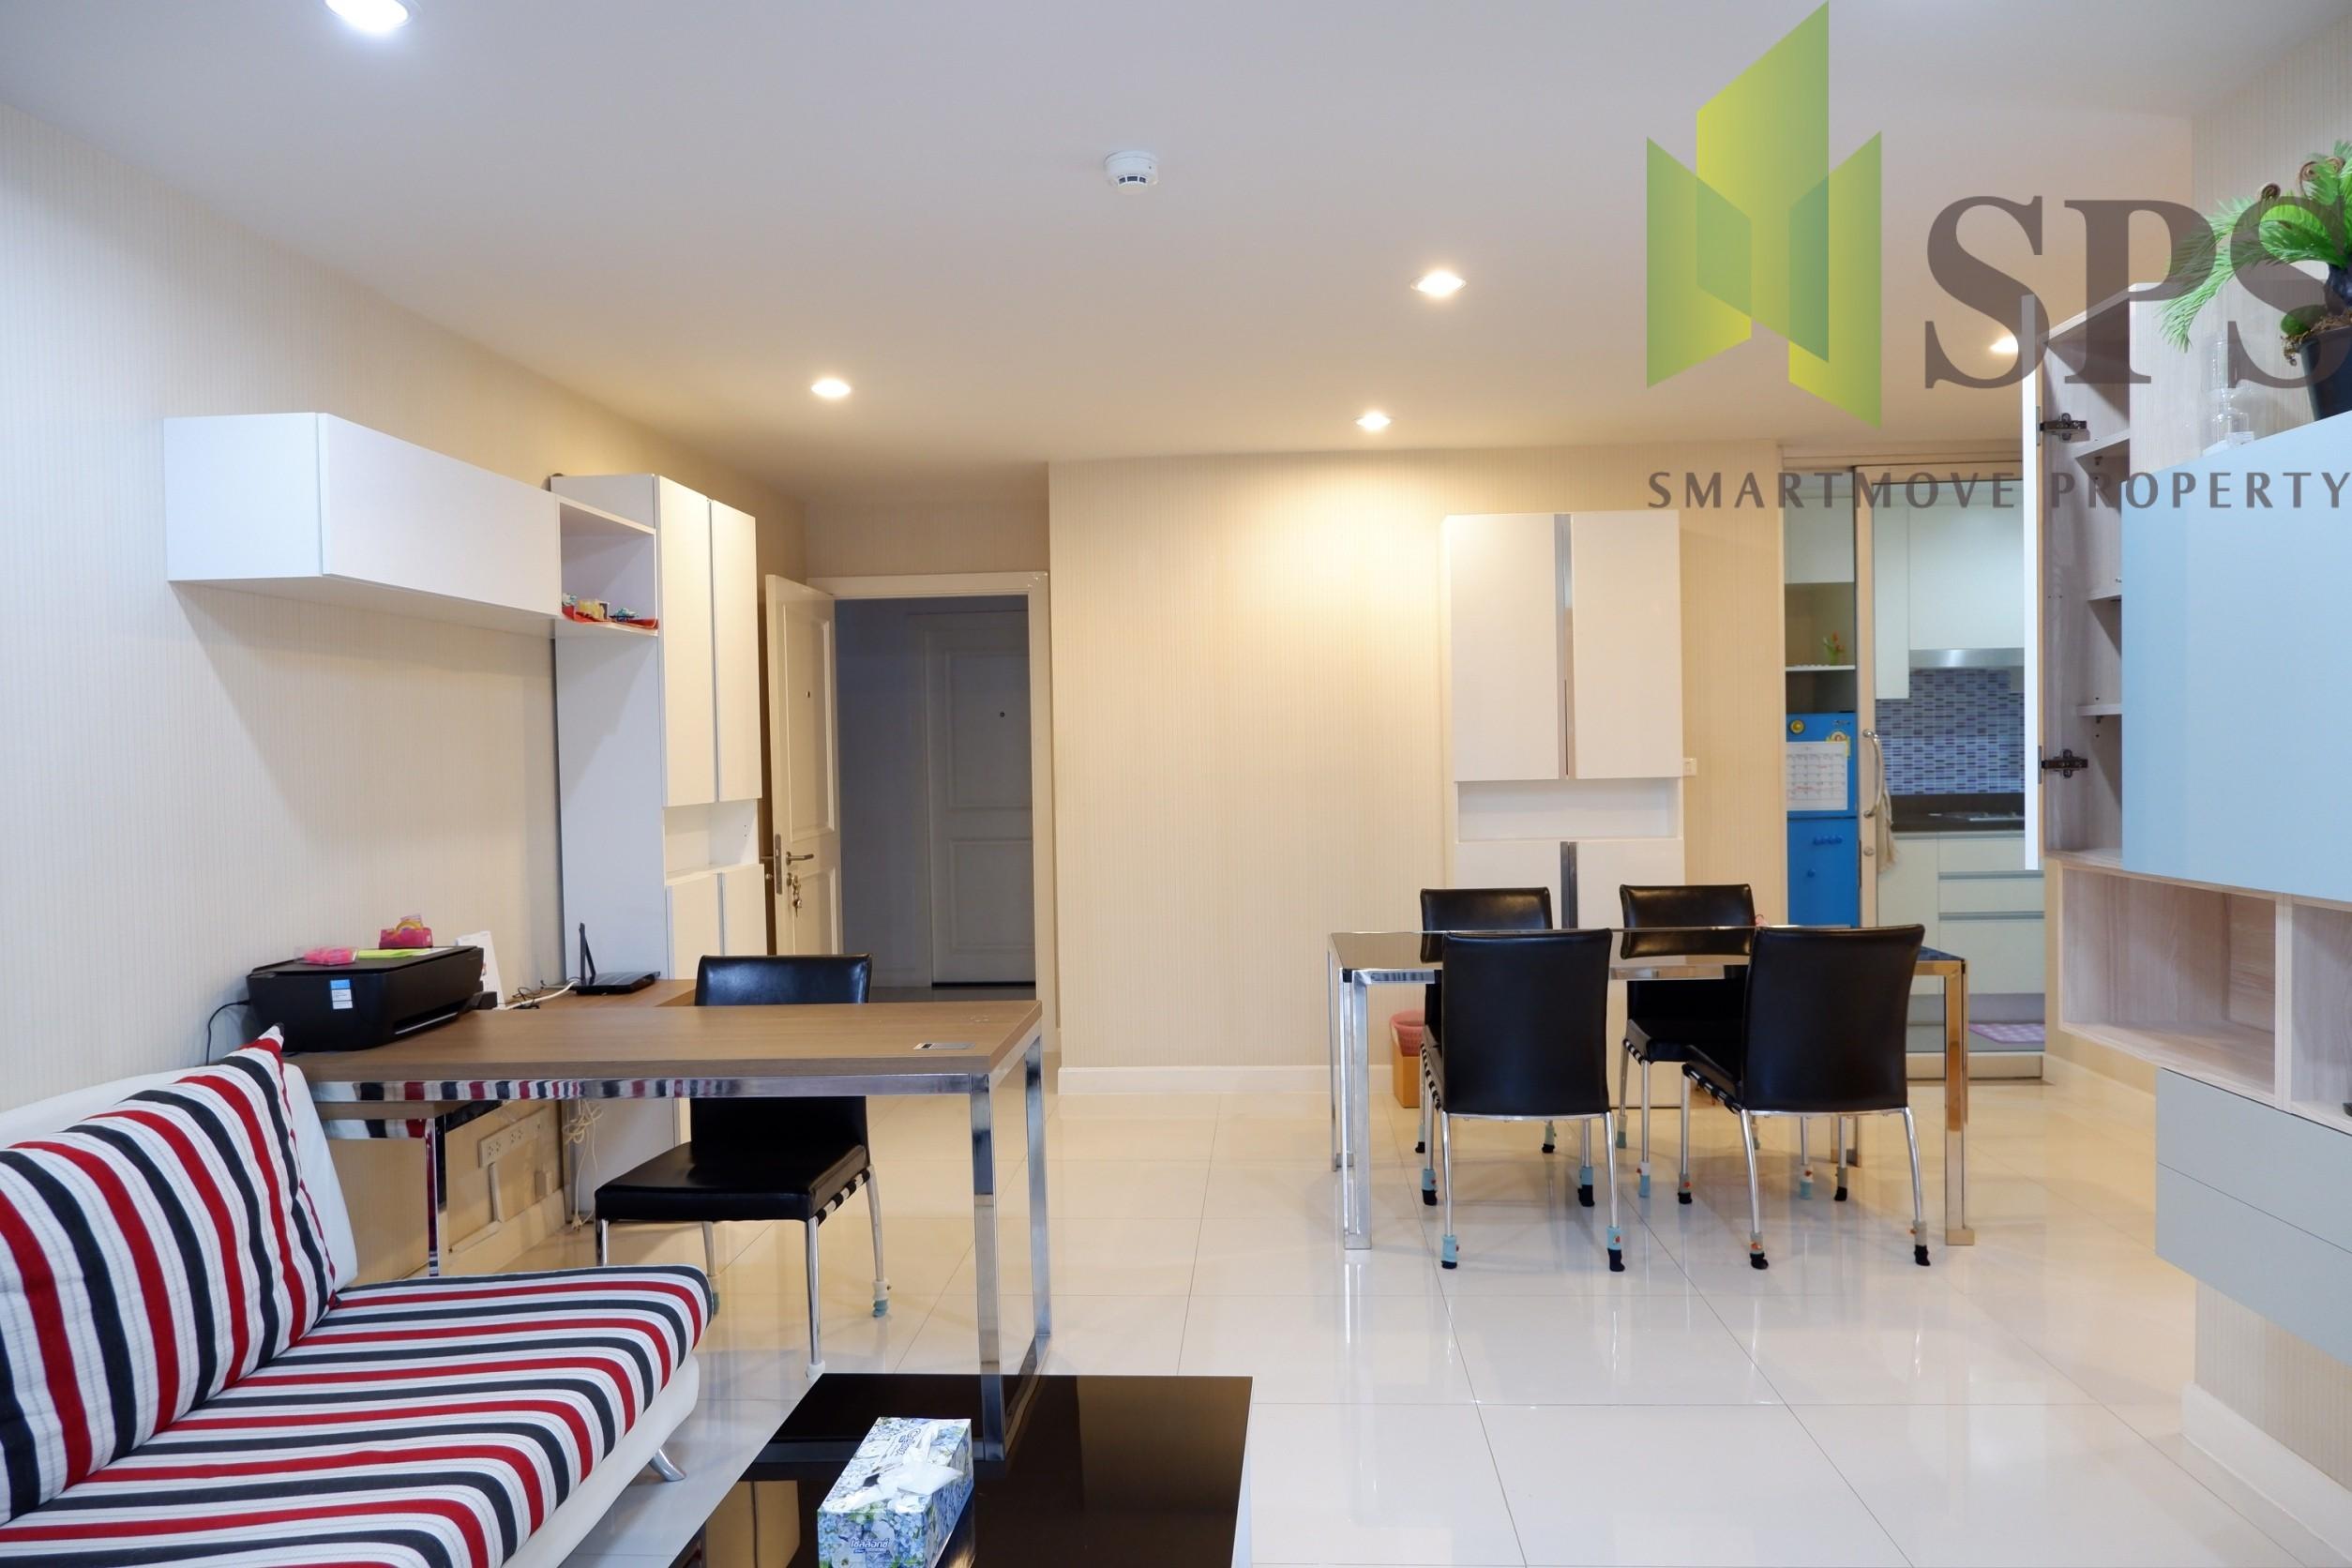 Cassia Condominium Bearing BTS (SPS-GC514)